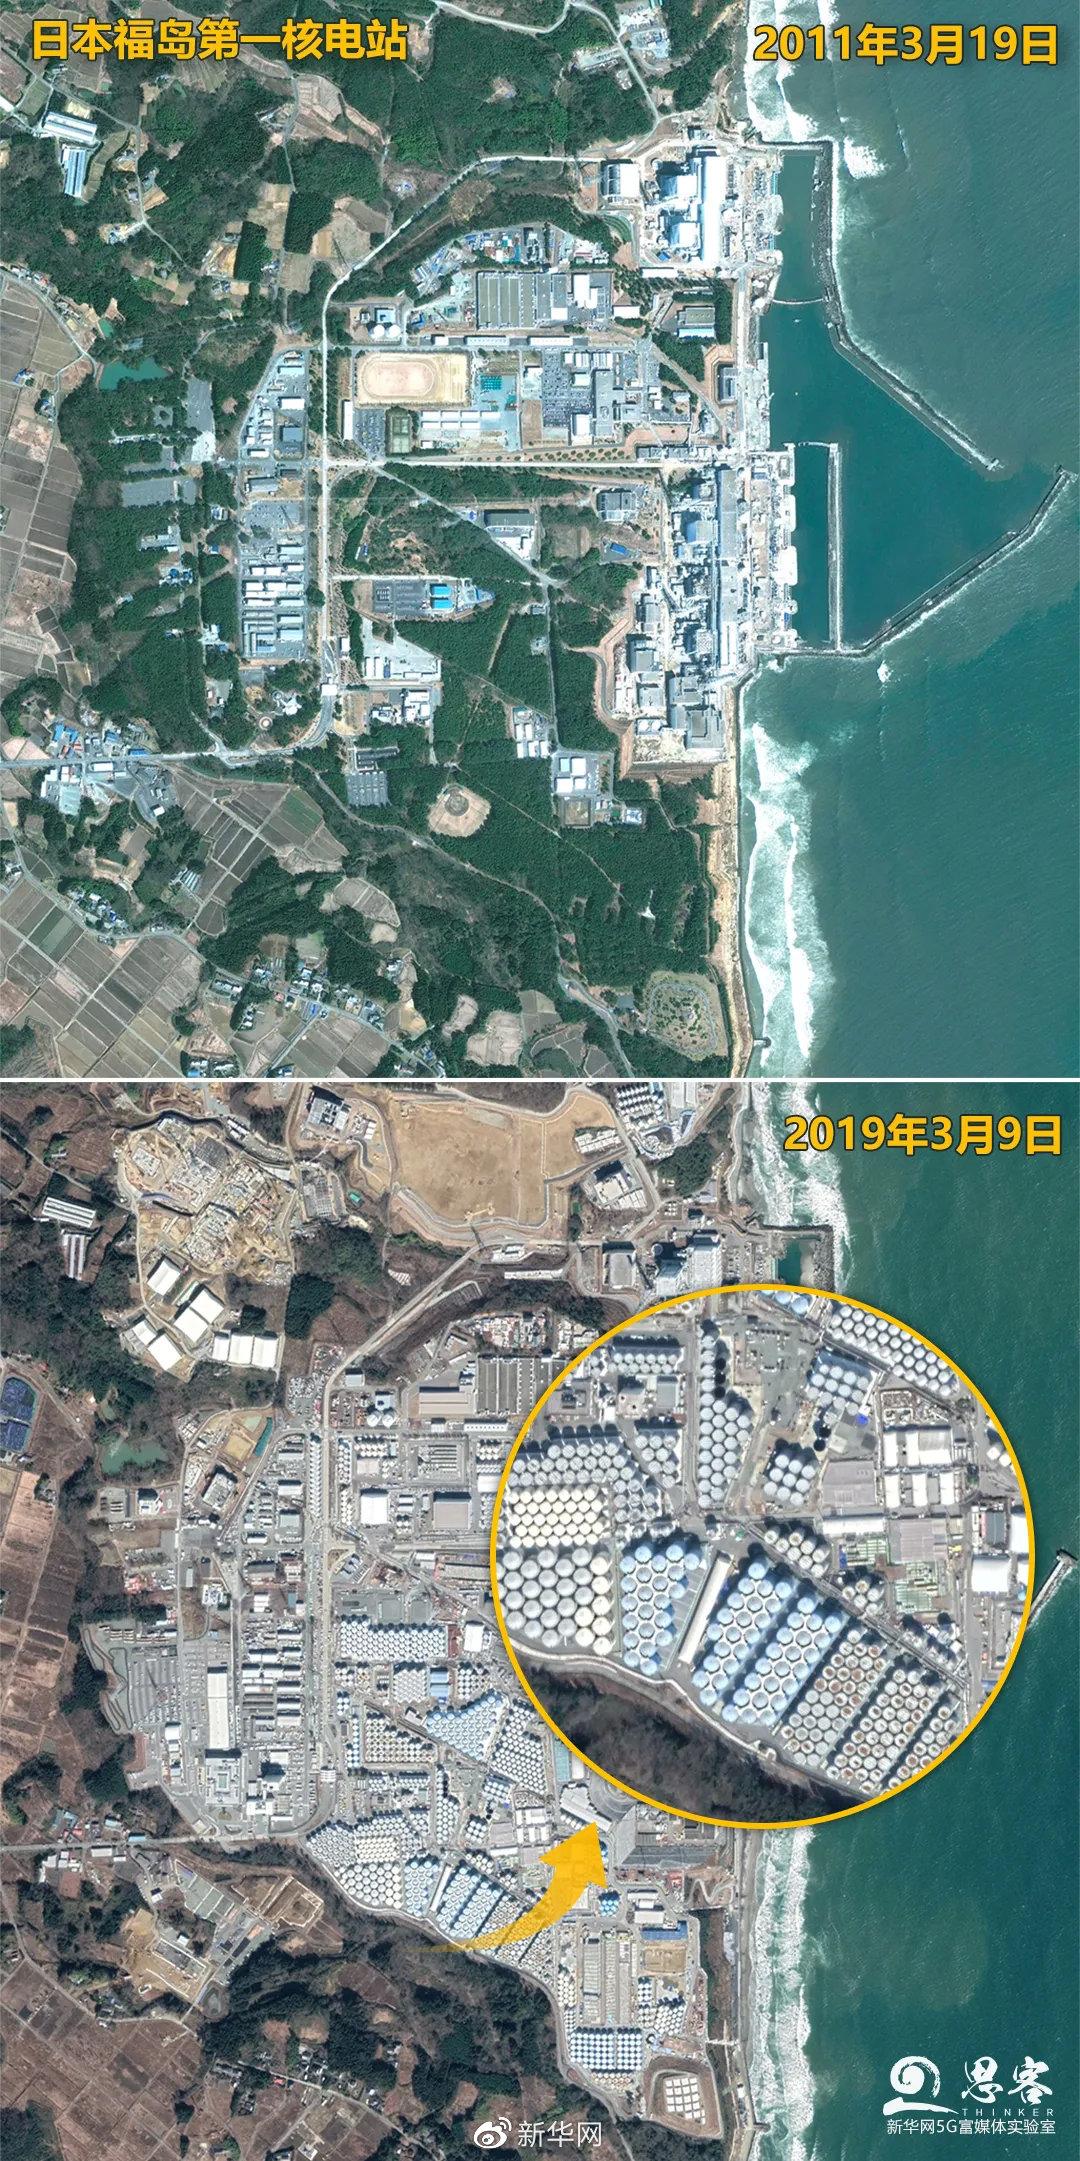 2011年3月19日和2019年3月9日拍摄的日本福岛第一核电站卫星照片,对比明显。卫星数据来源:MAXAR